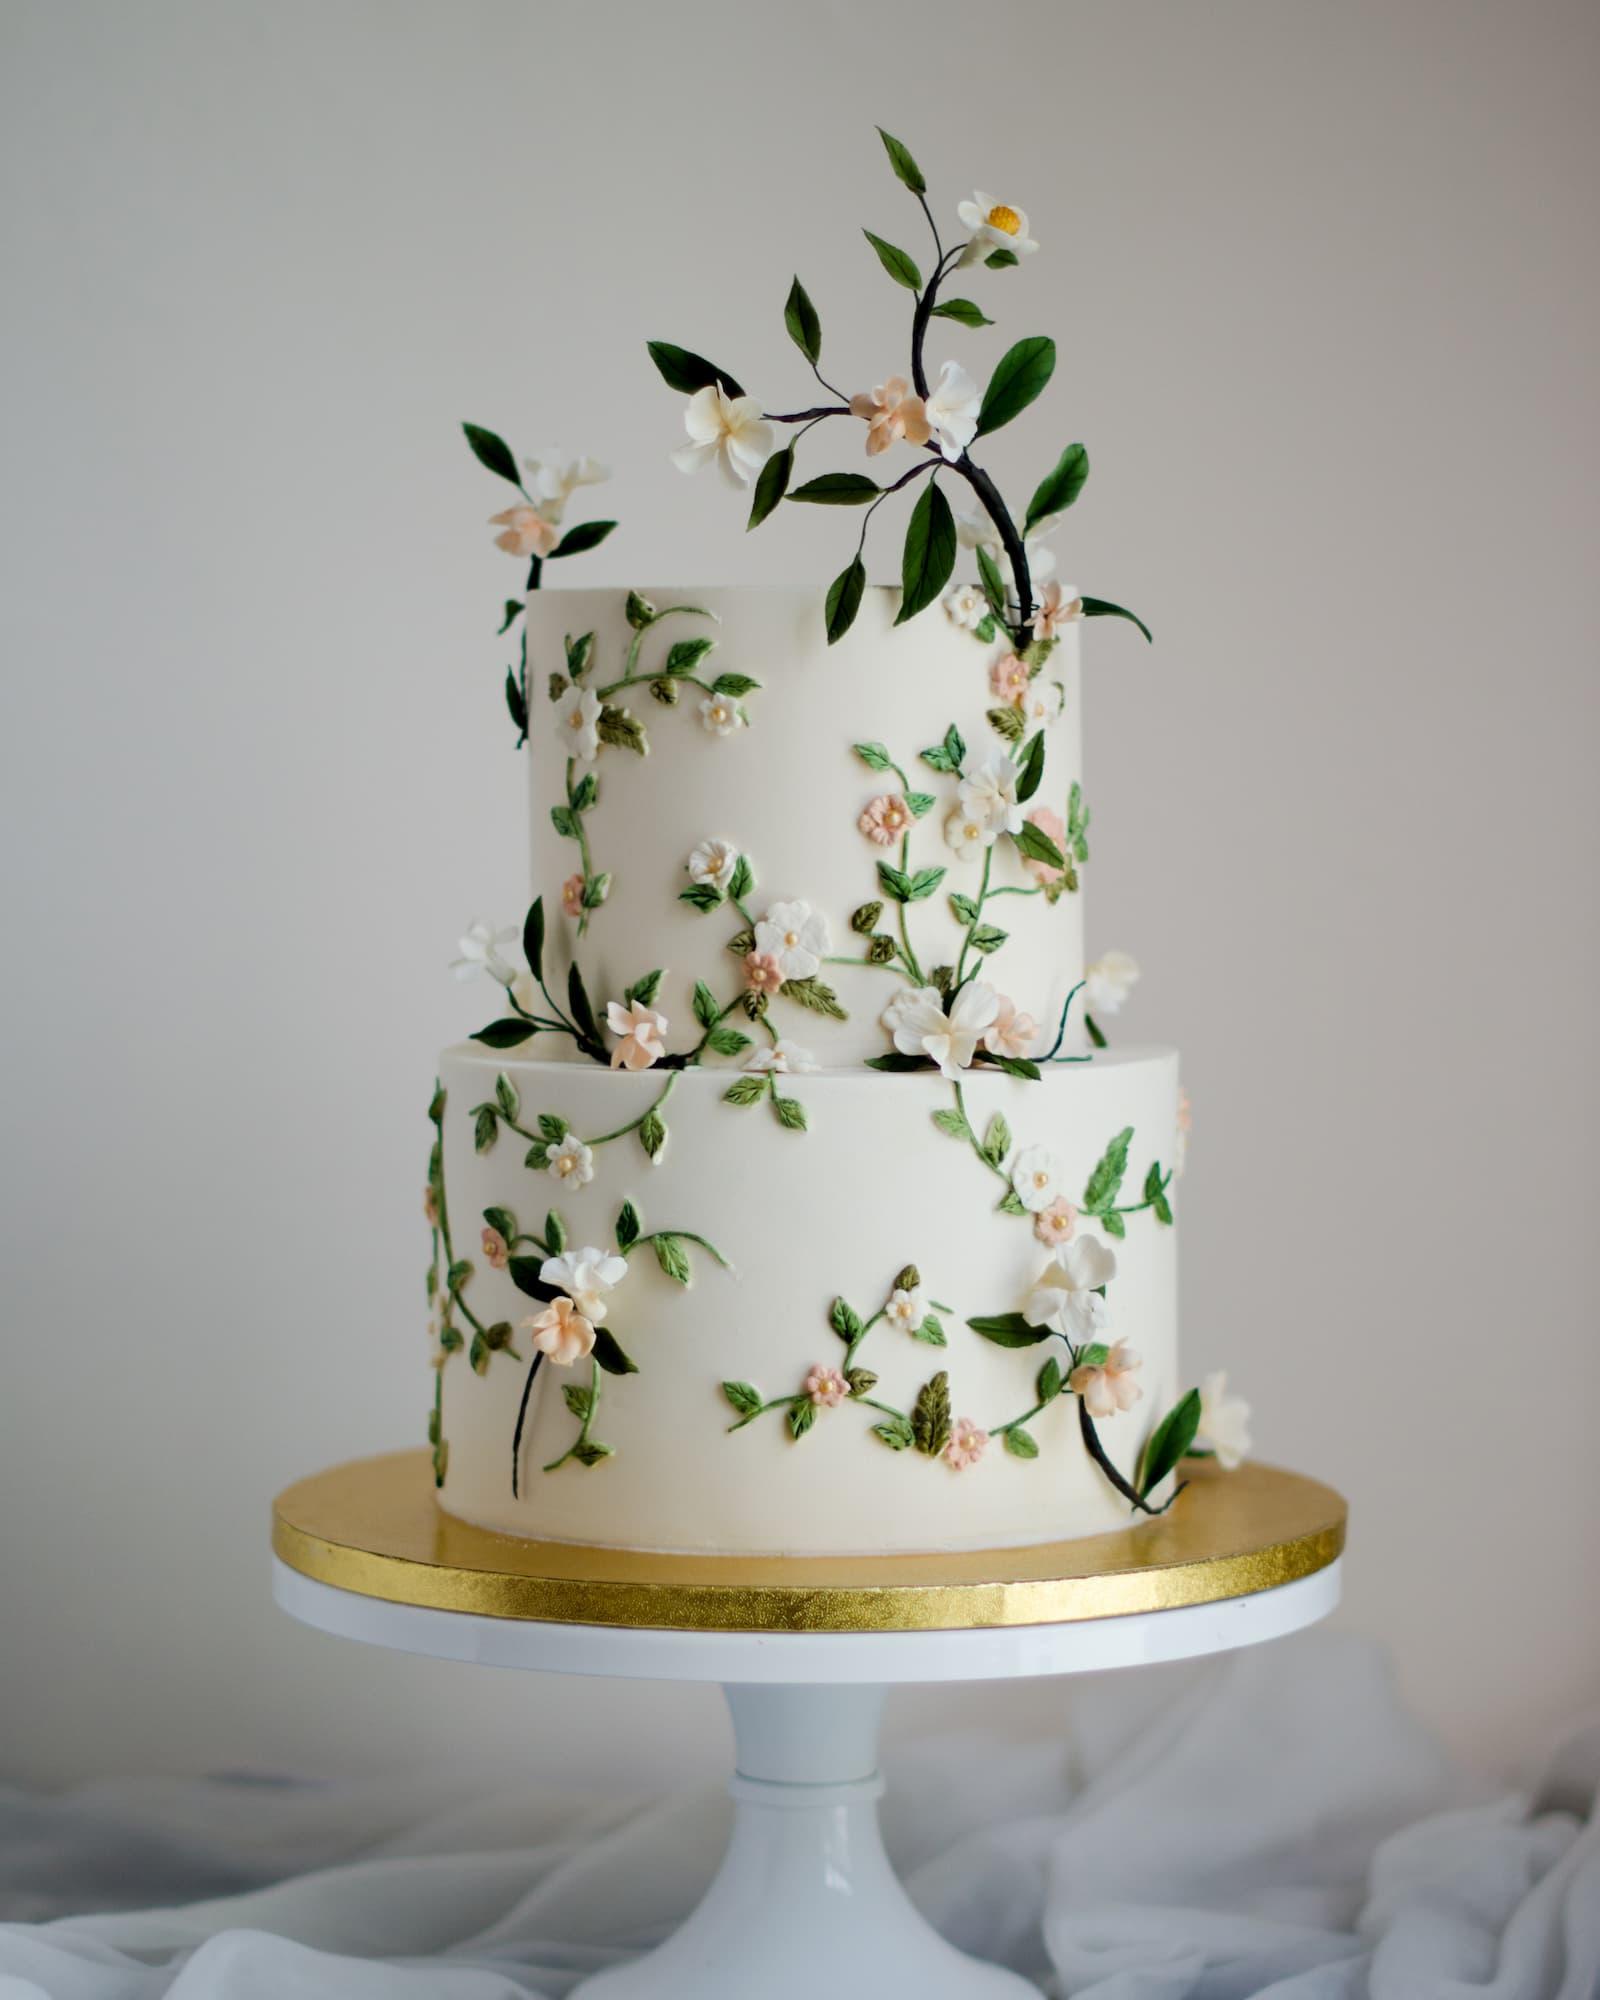 Roseraé Cakes Monique Lhuillier